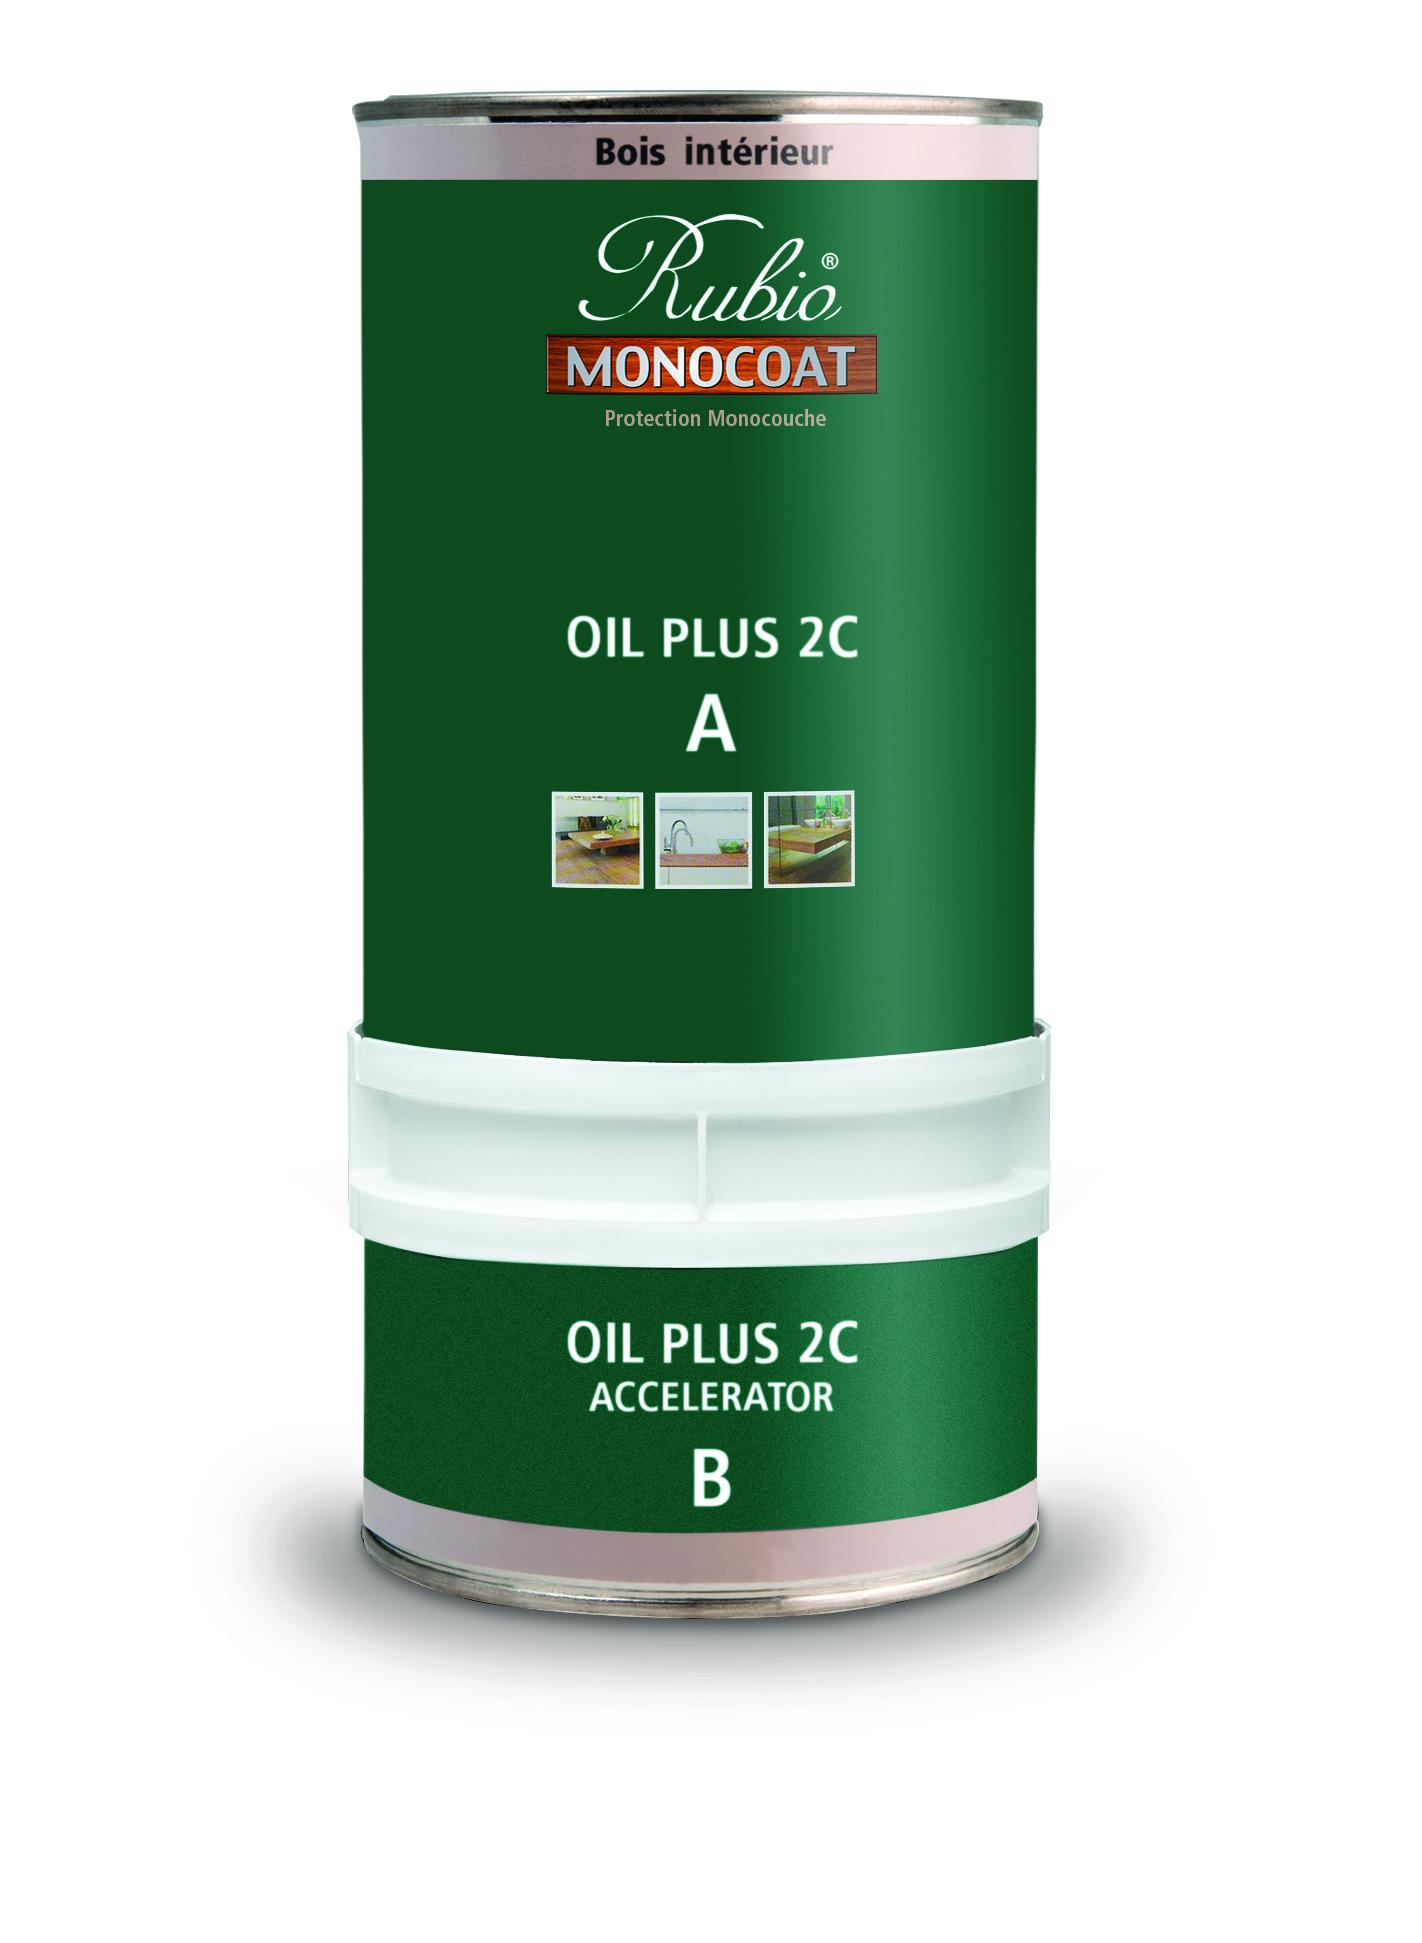 OIL PLUS 2C TENDANCE BOIS COMPL A+B